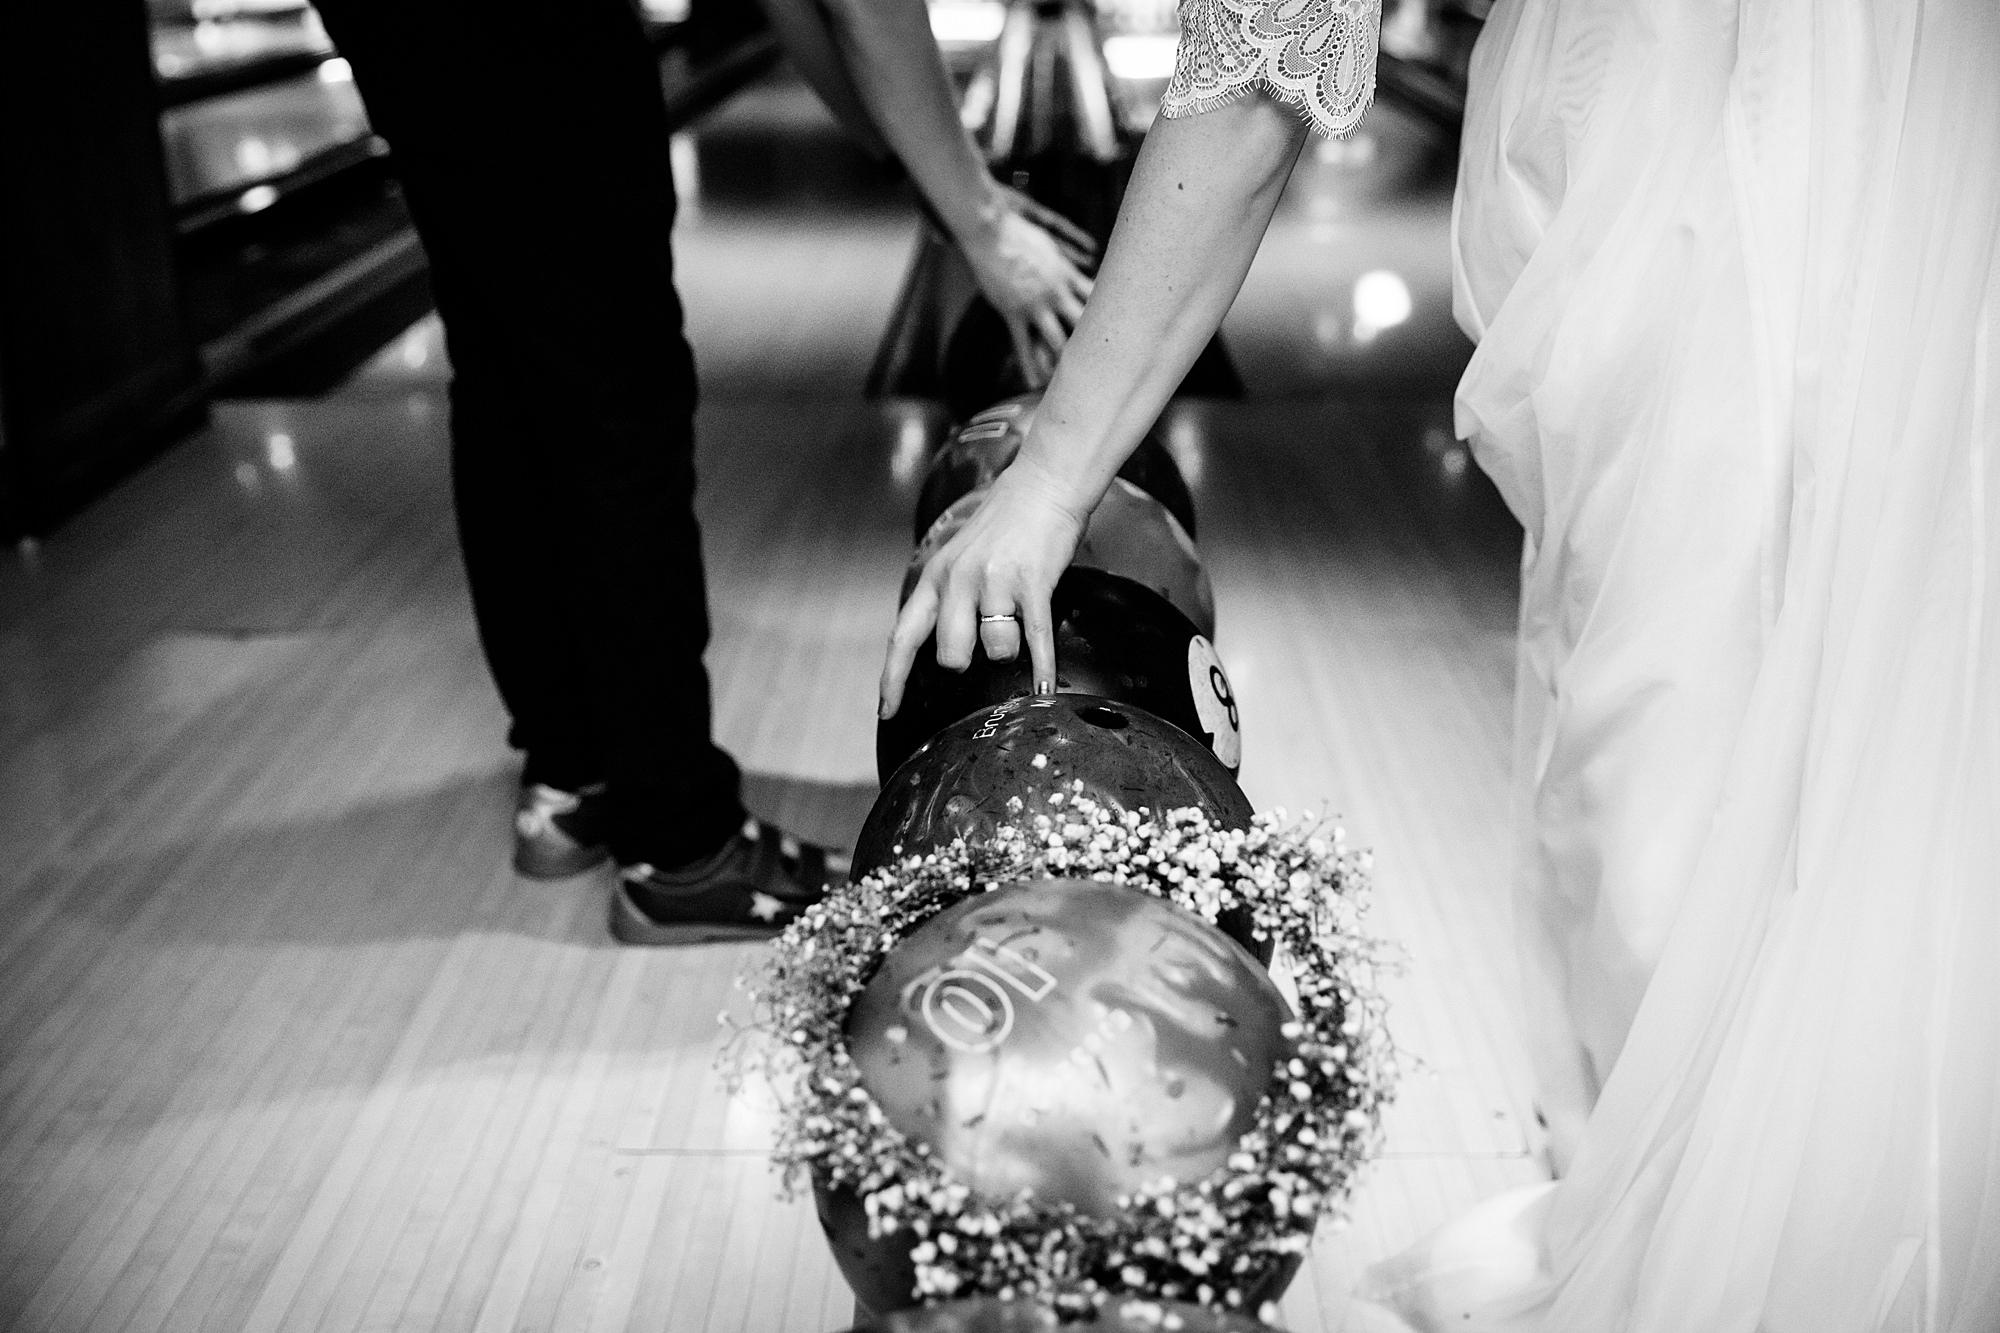 fun london wedding bowling hands choosing bowling balls